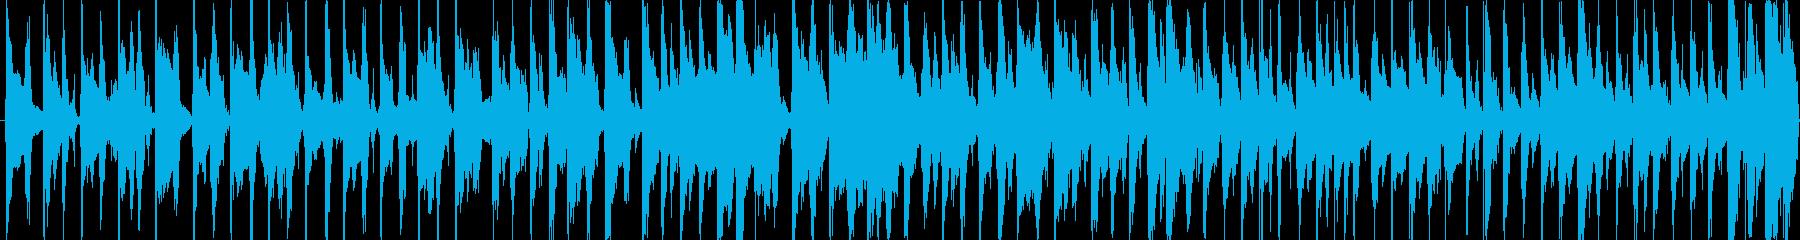 キャンプ、アウトドアのBGMの再生済みの波形